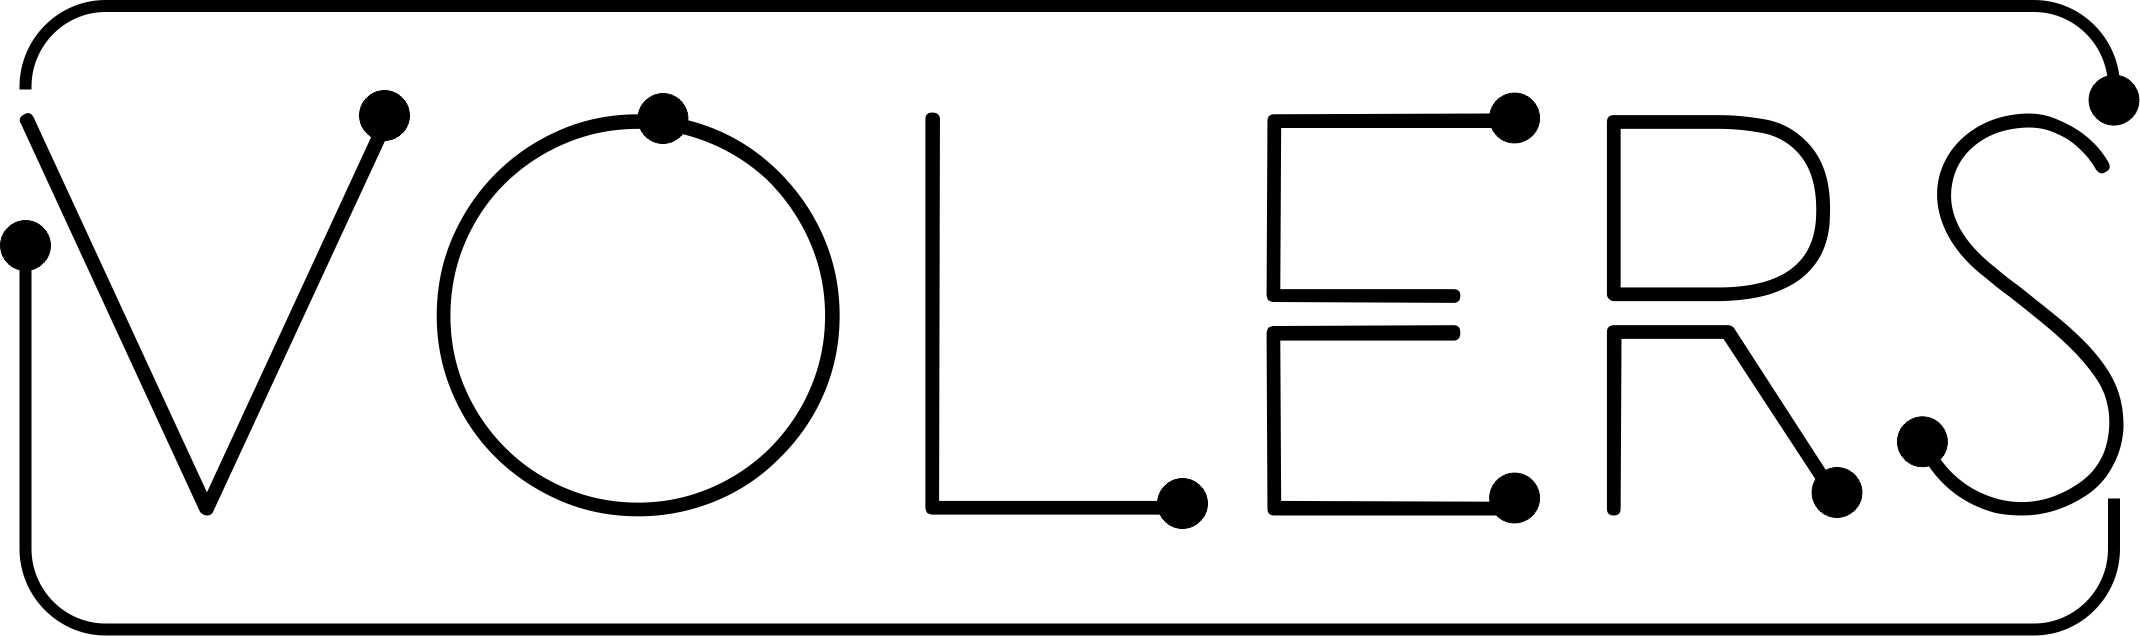 Обновить текущий логотип  фото f_4675d484eb7bef3f.jpg